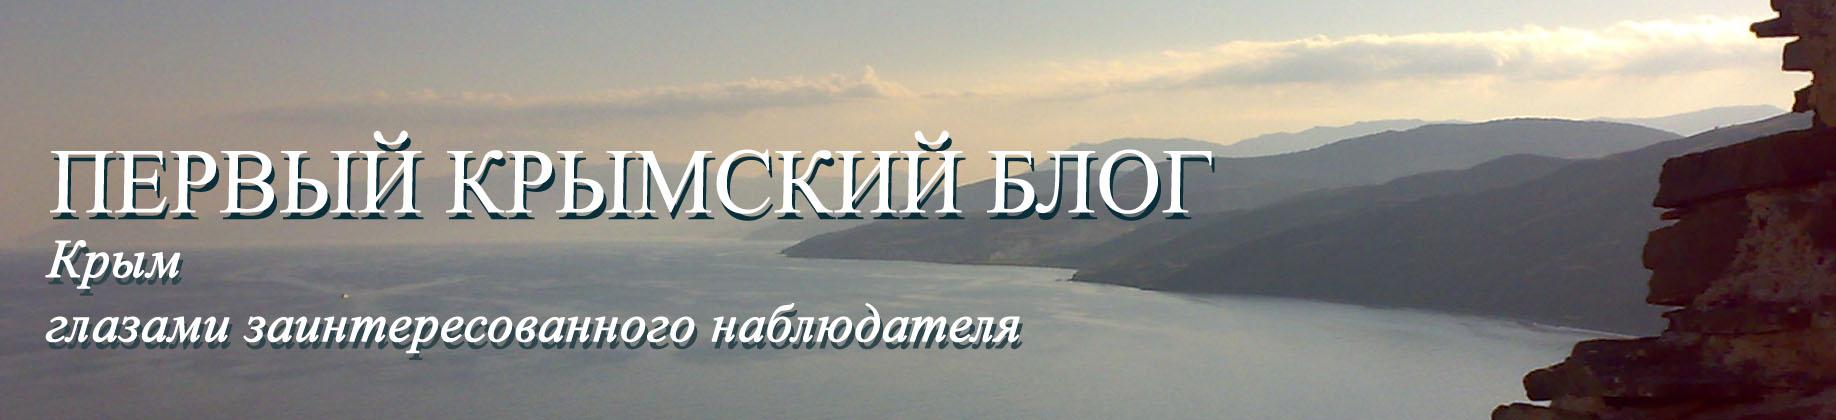 Первый крымский блог